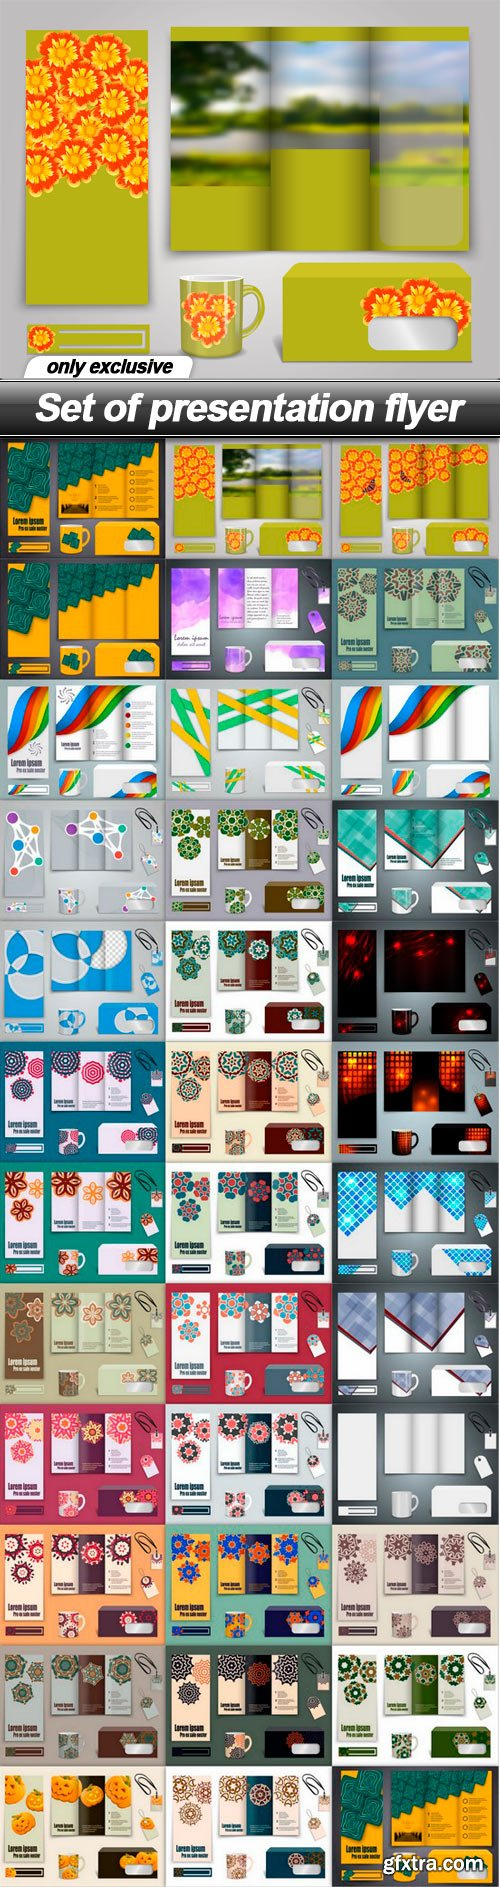 Set of presentation flyer - 35 EPS